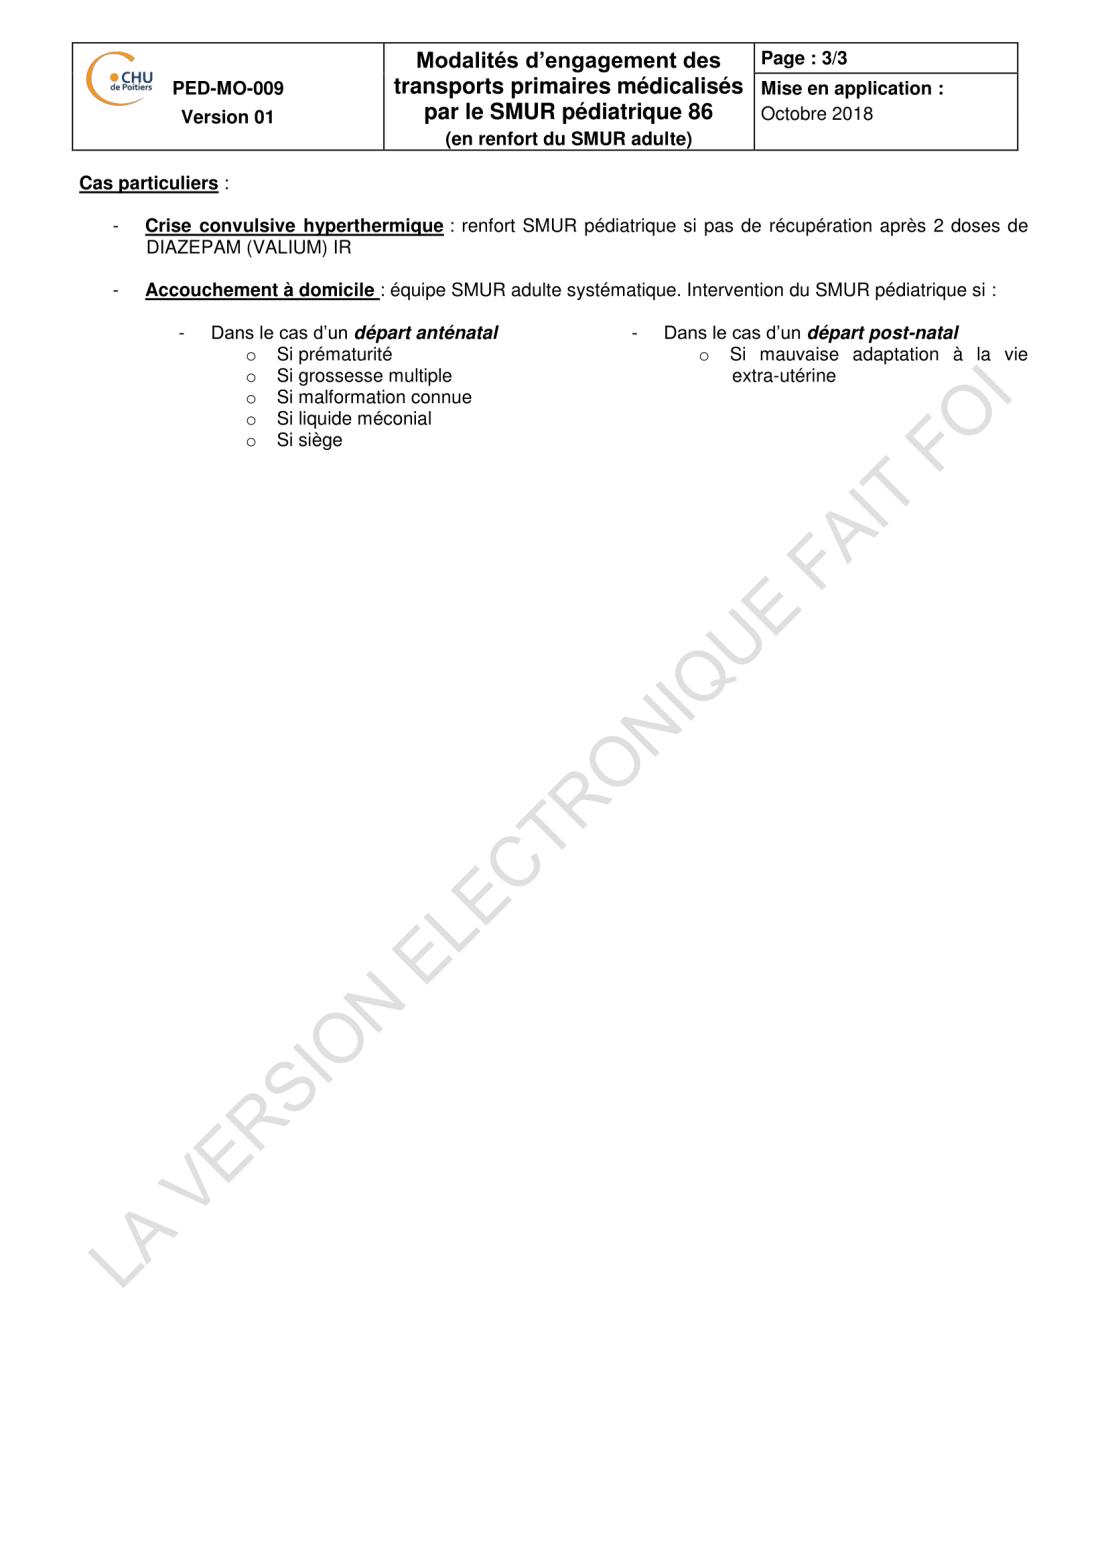 Modalit_s_d_engagement_des_transports_primaires_SMUR_p_diatrique-3.png